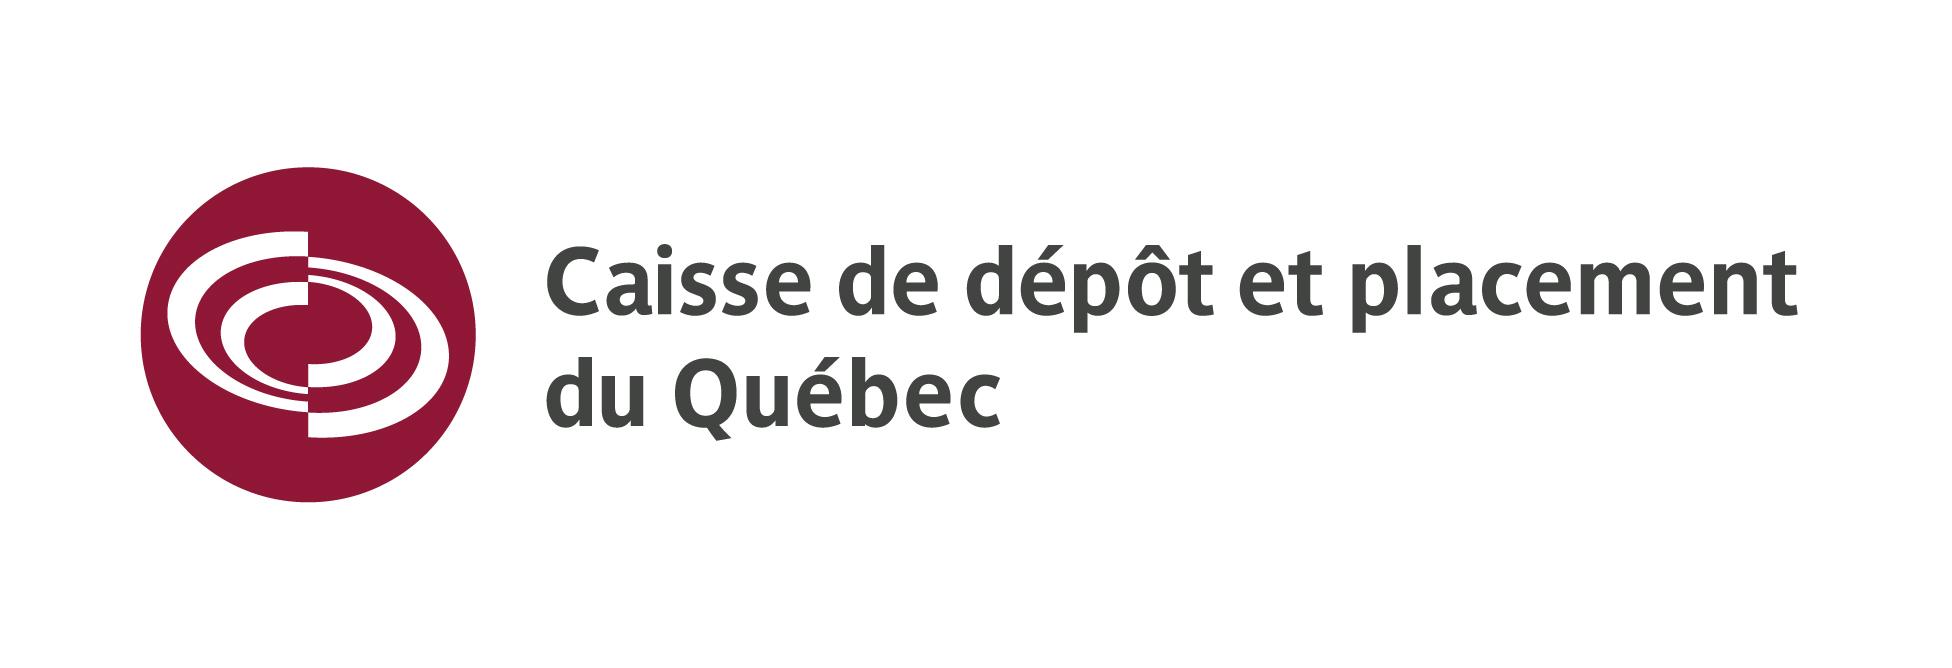 Logo de Caisse de dépôt et placement du Québec